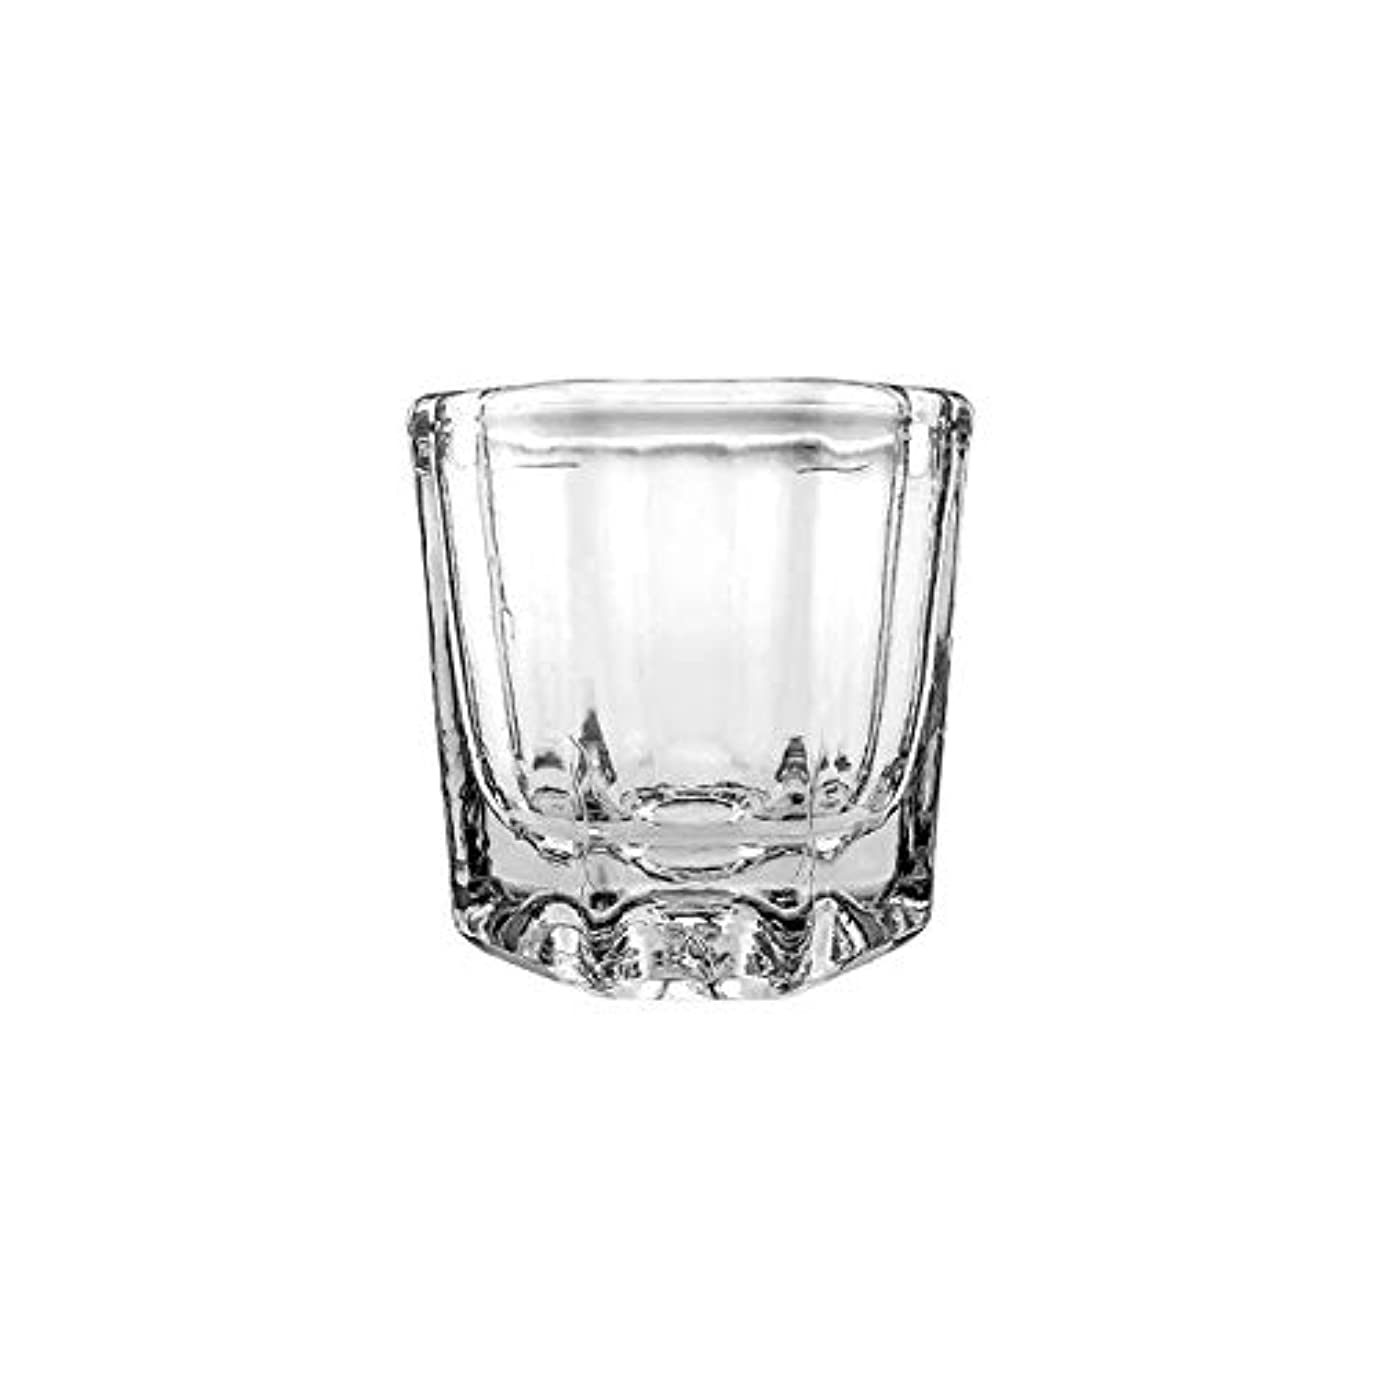 雑品もの強制LALONA ダッペンディッシュ (ガラス製) (耐溶剤) ジェルネイル スカルプチュア ブラシの洗浄に